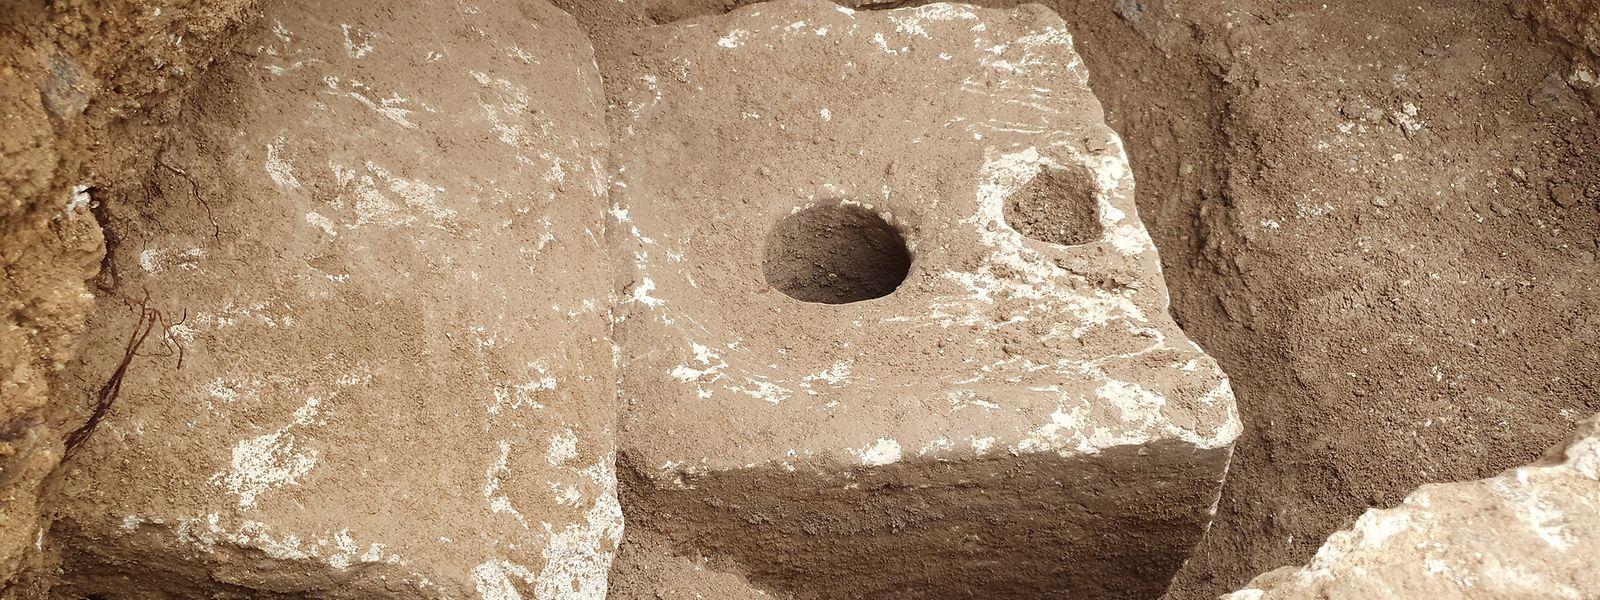 Ein quadratischer Block aus Kalkstein mit einem Loch in der Mitte. Das konnten sich vor 2.700 Jahren nur reiche Leute leisten.